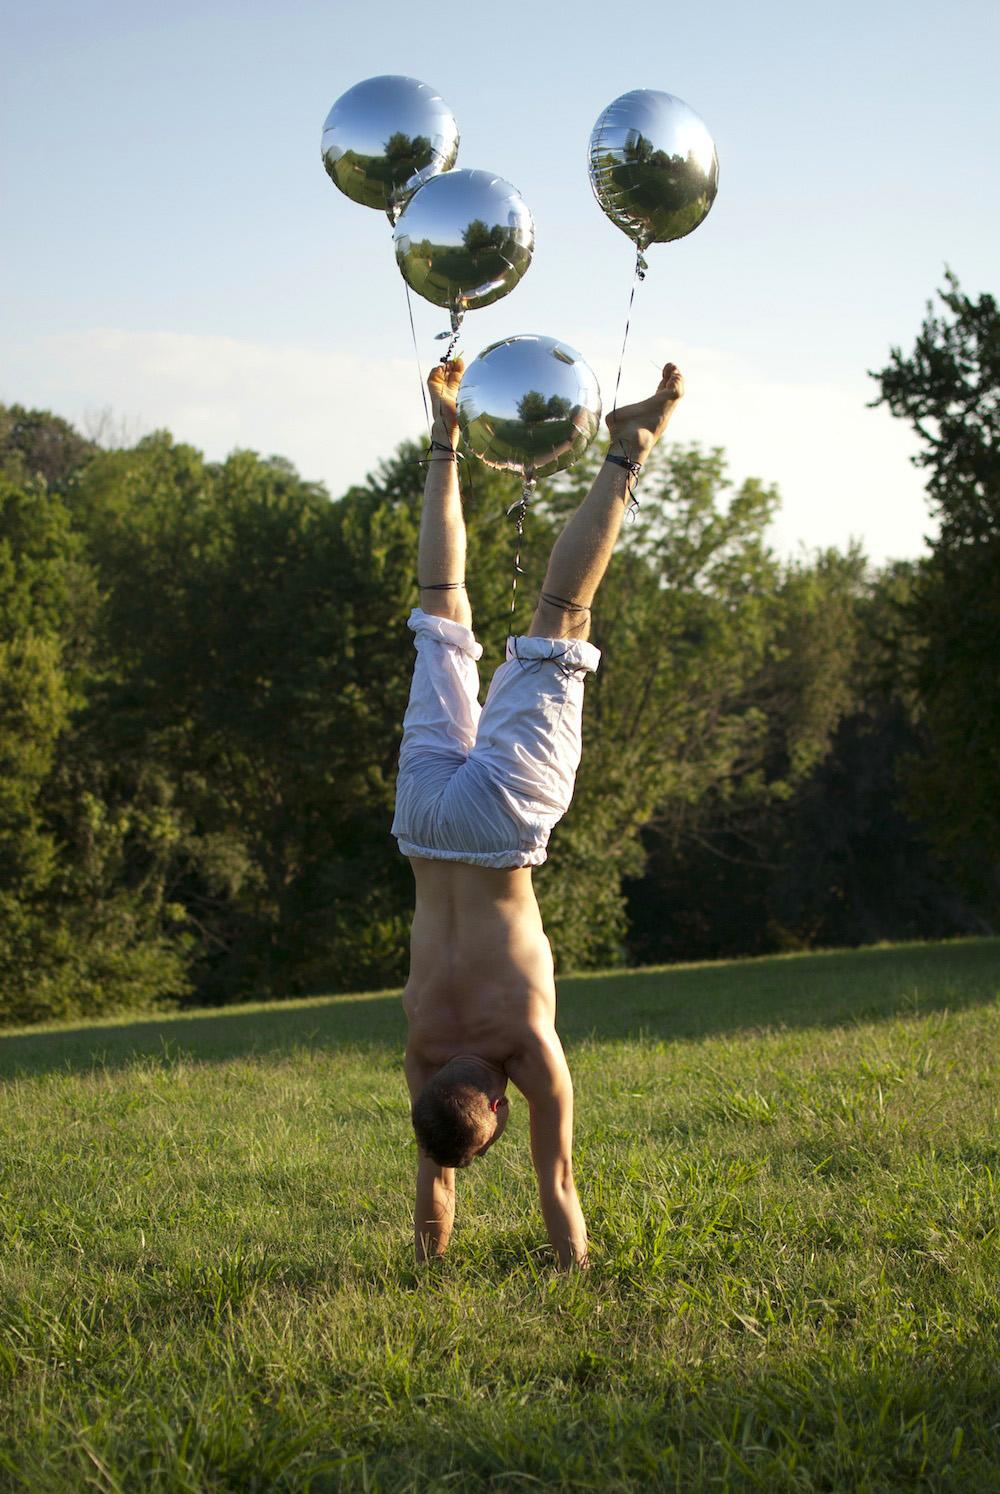 Jordan Clark Circus Performer 2010